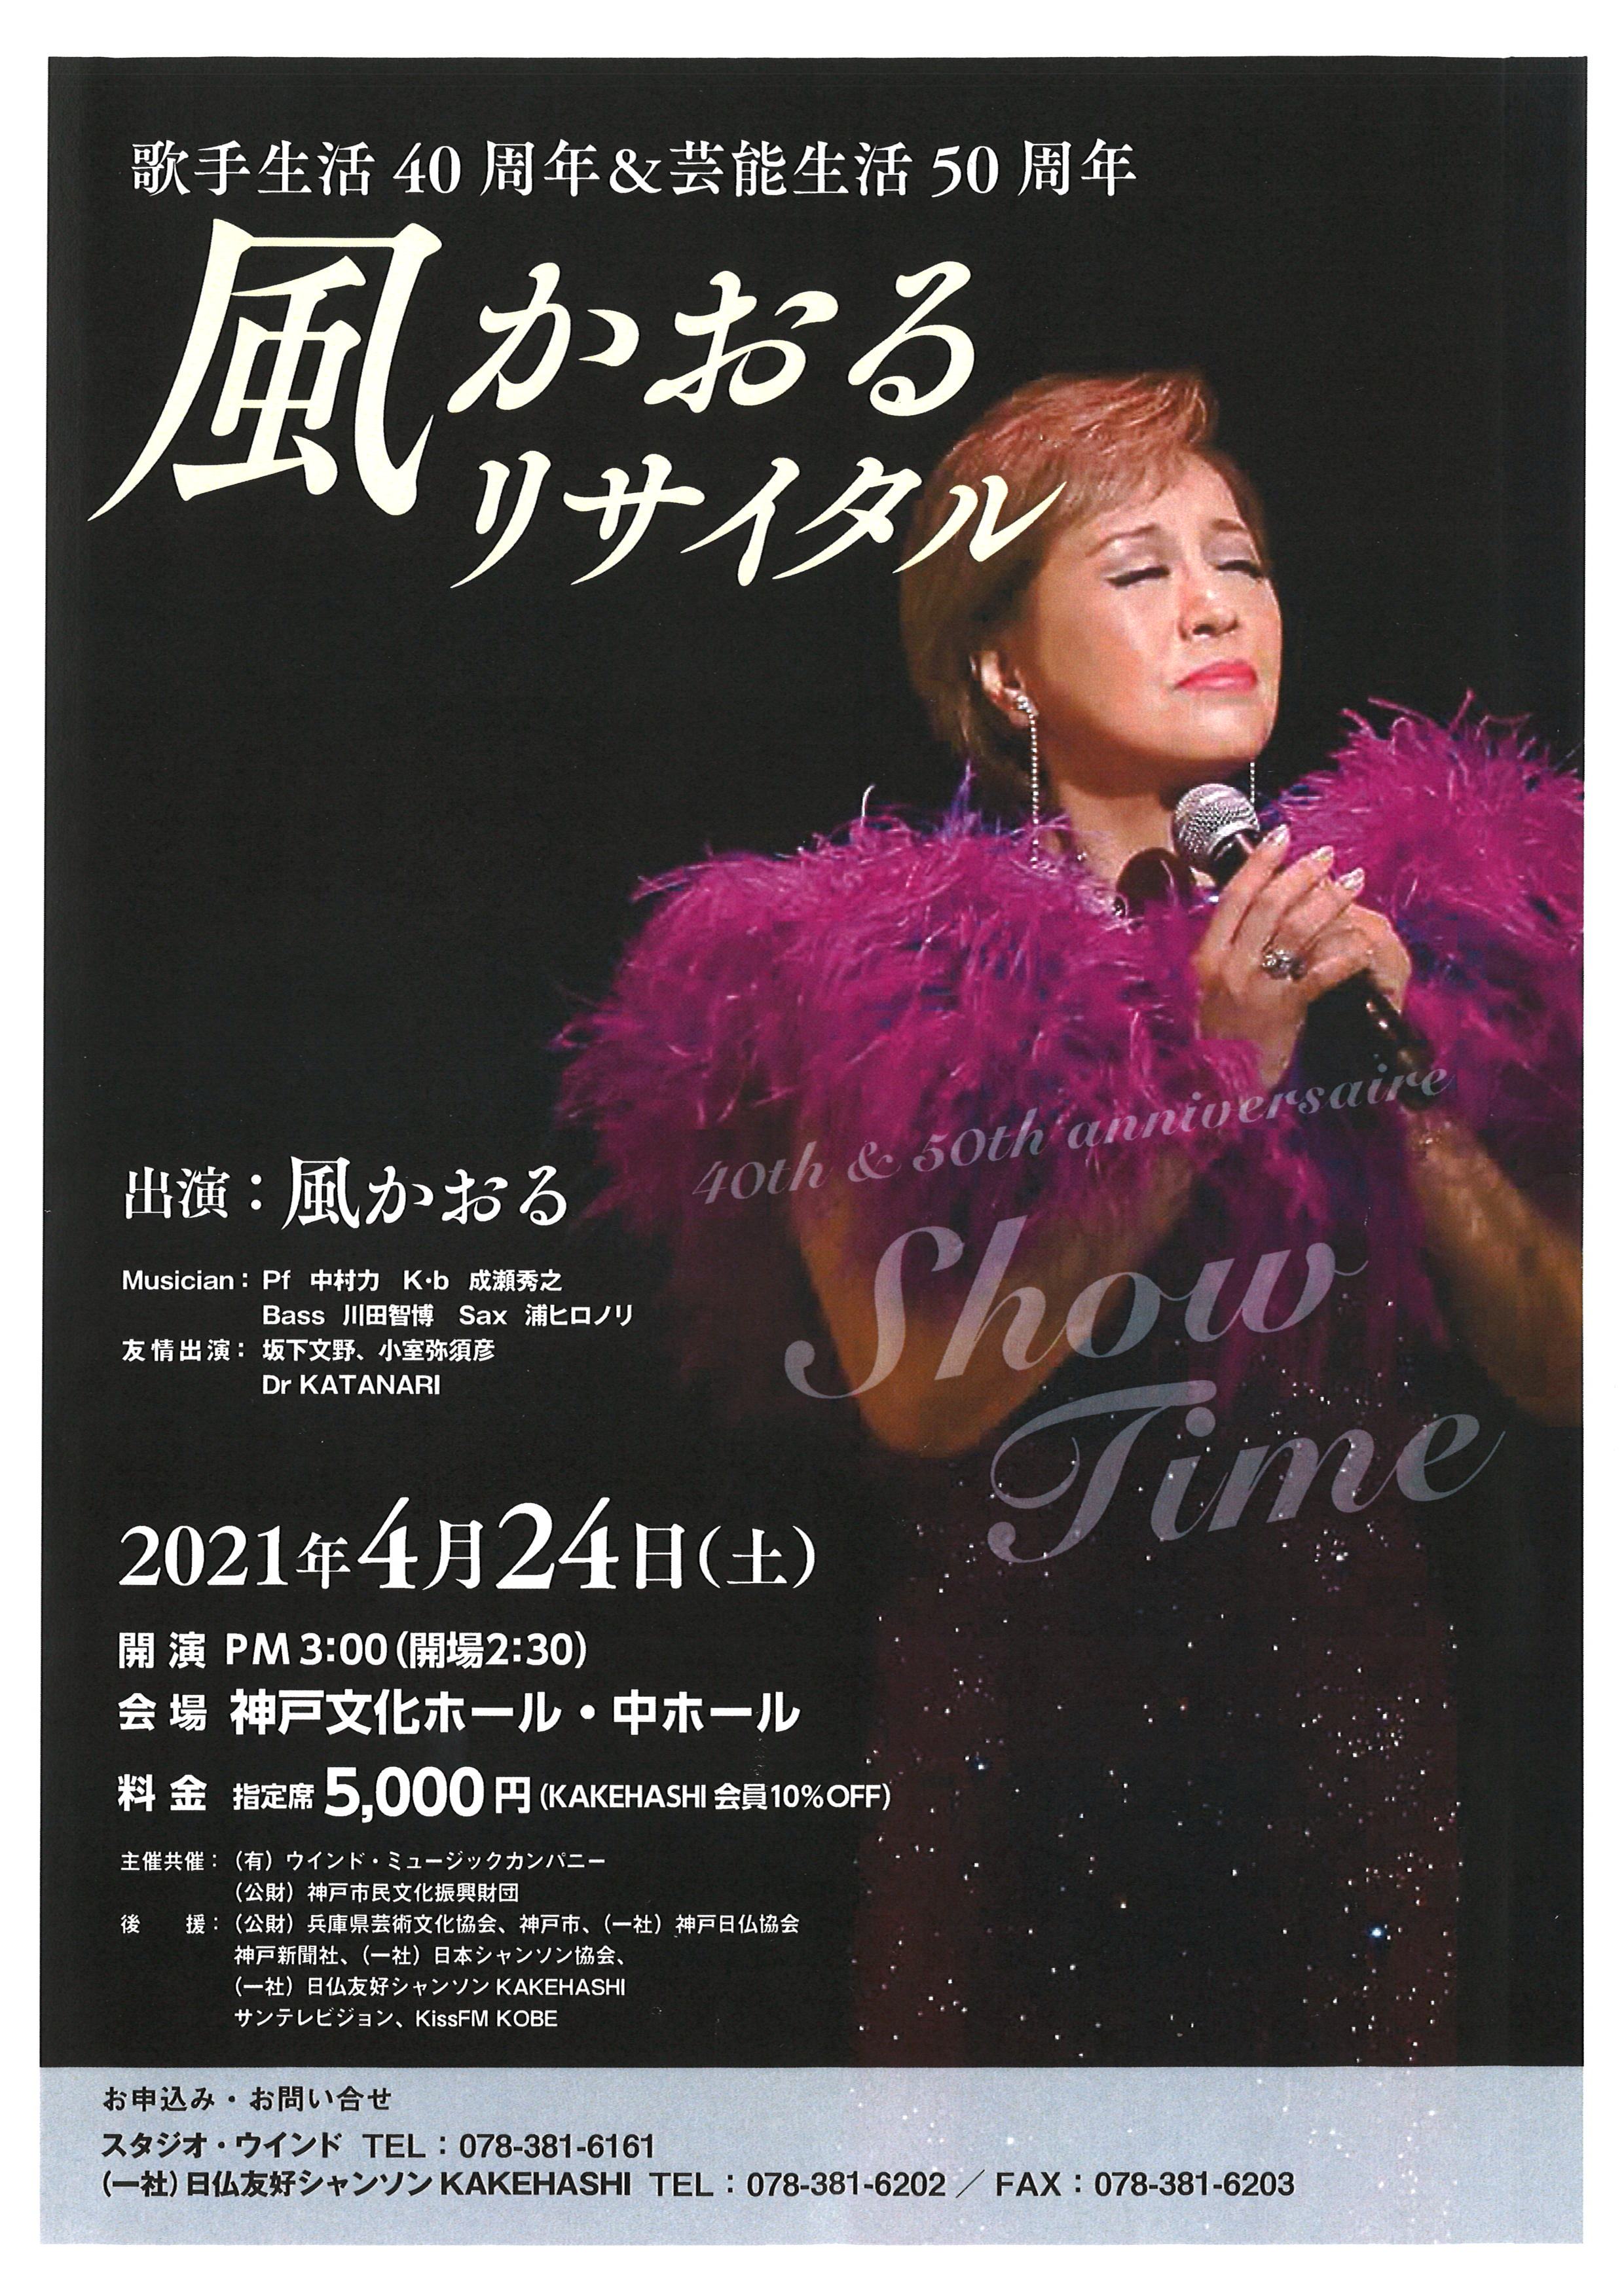 風かおる リサイタル Show Time.jpg